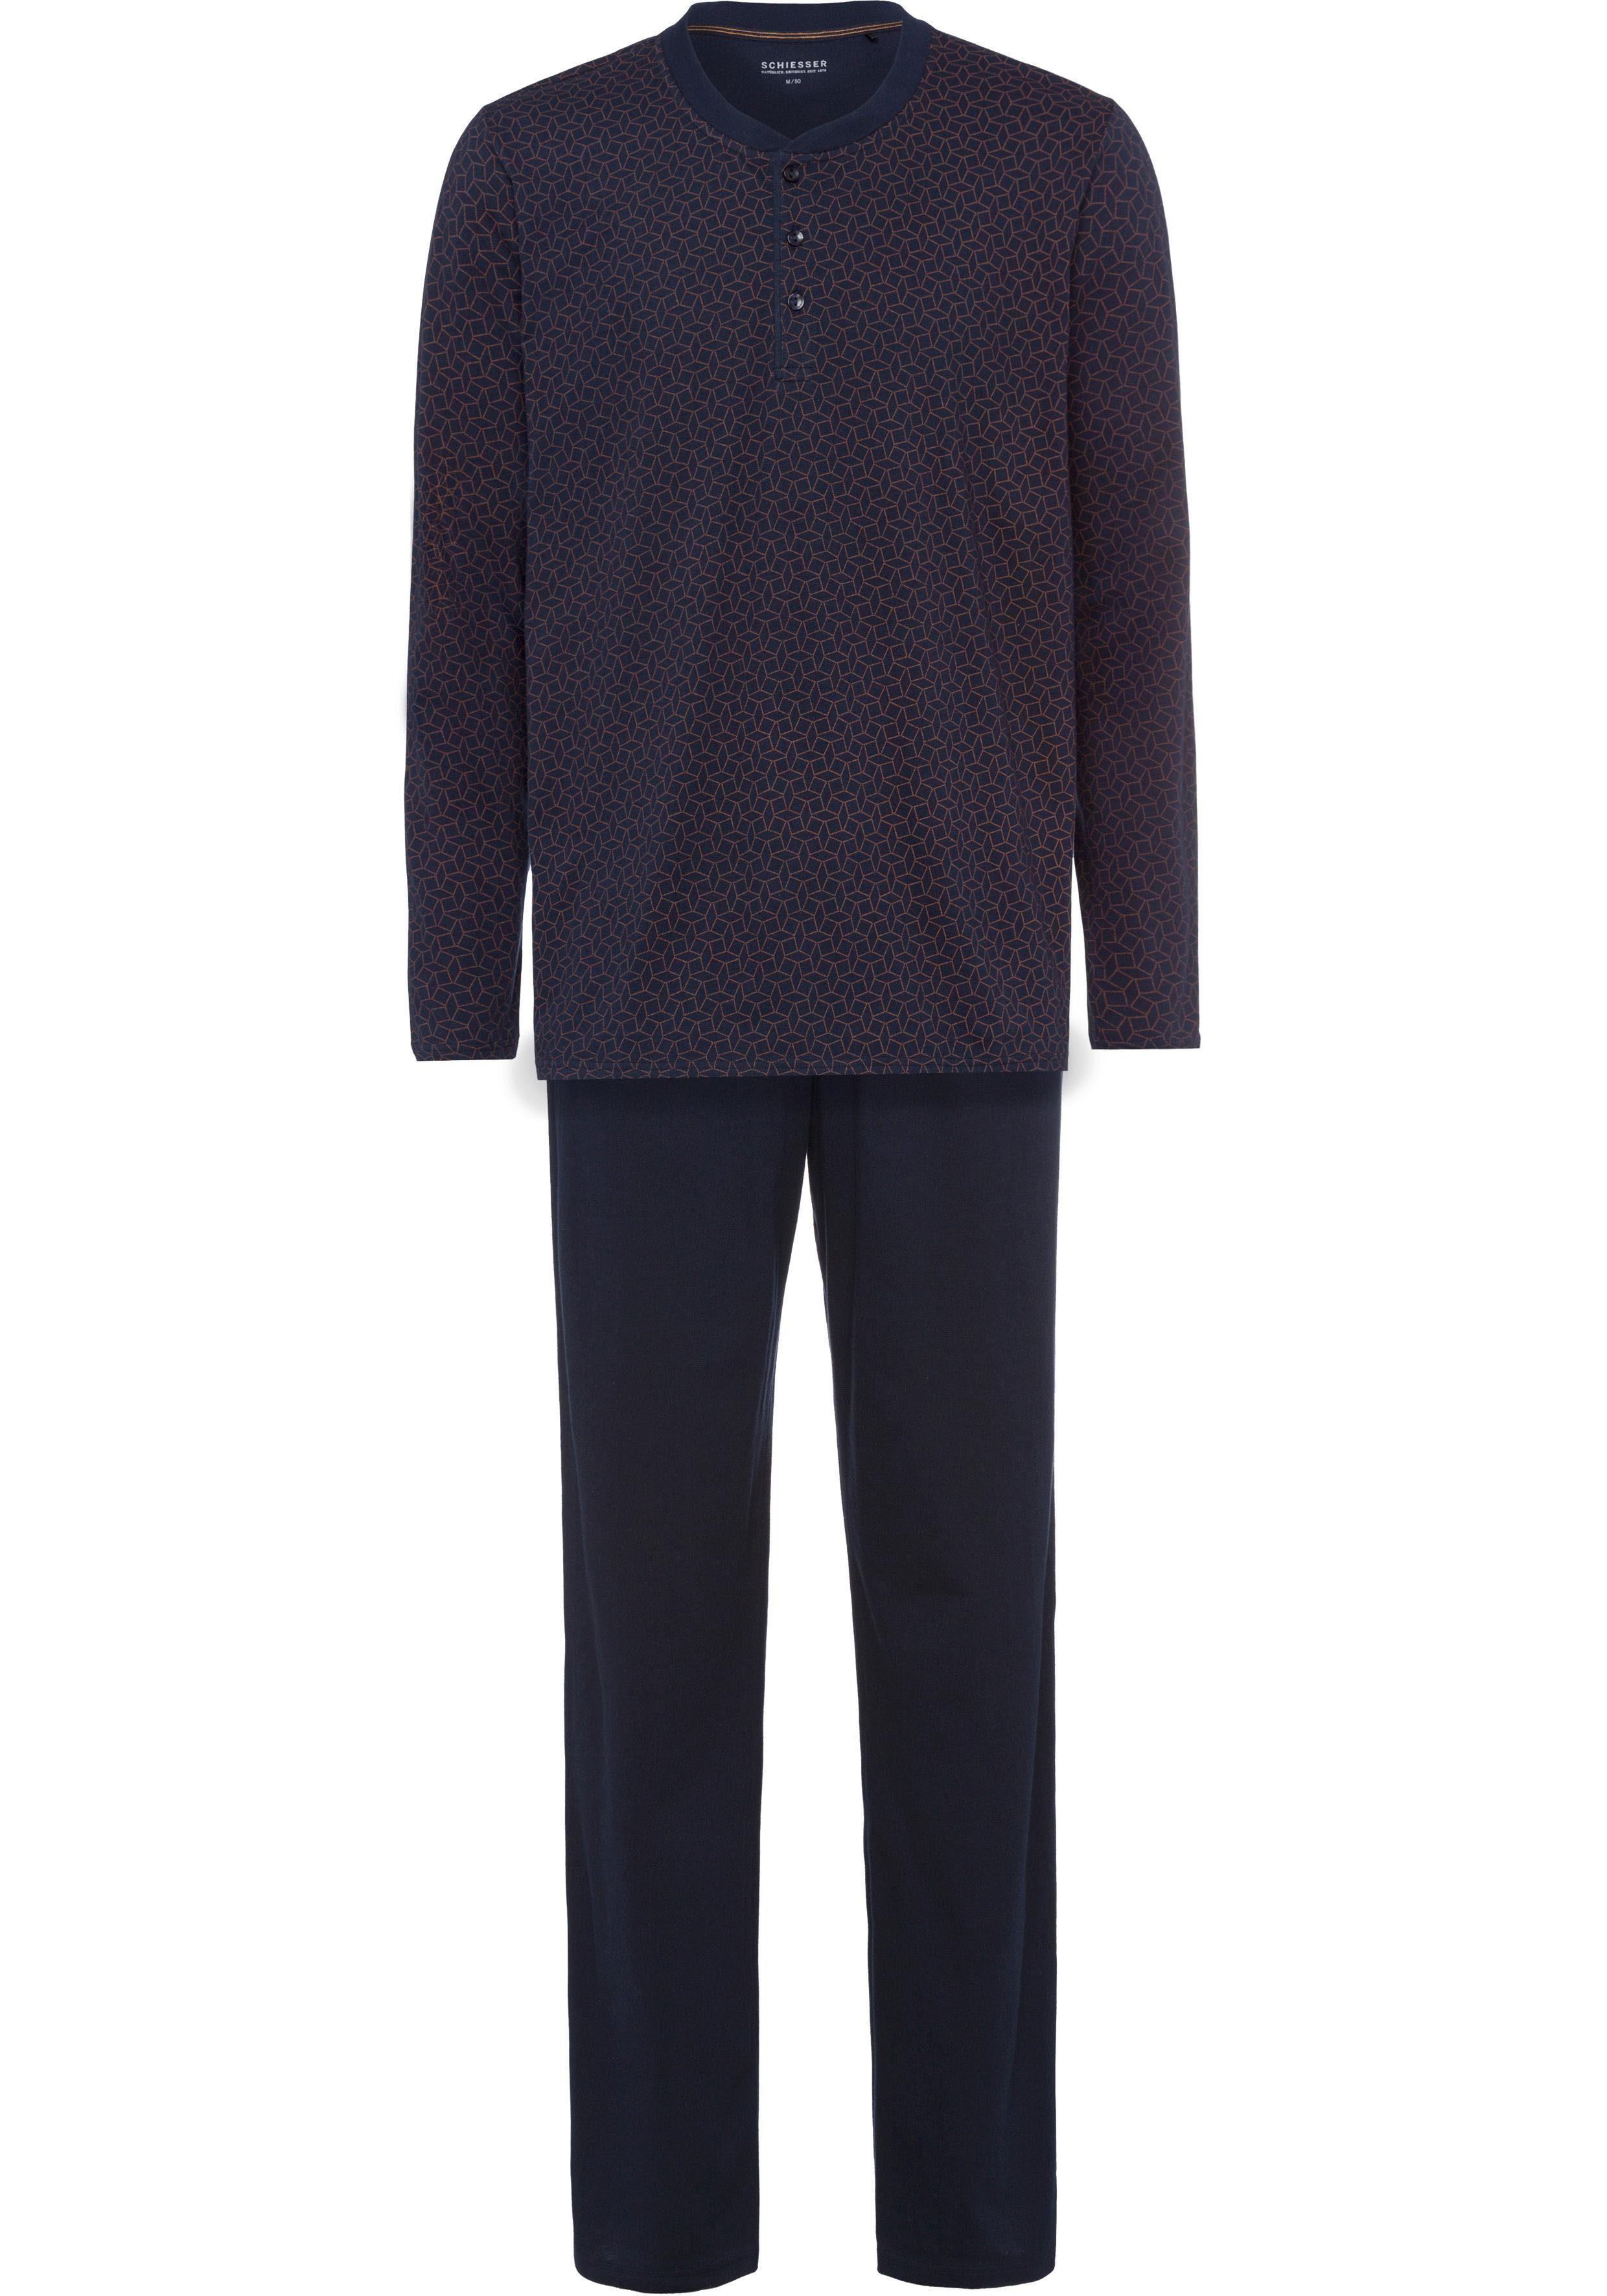 Schiesser Pyjama lang, Oberteil mit Knopfleiste